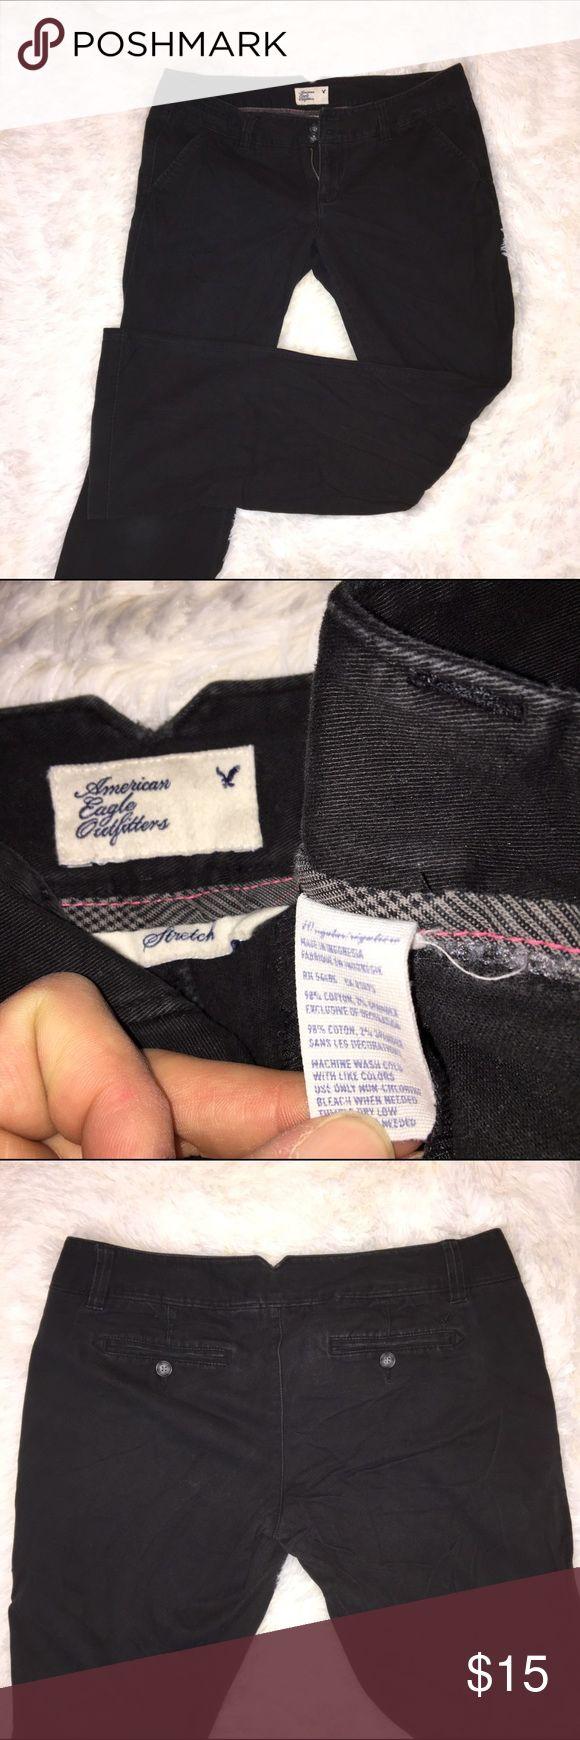 American Eagle Dress Pants American Eagle Dress Pants American Eagle Outfitters Pants Trousers